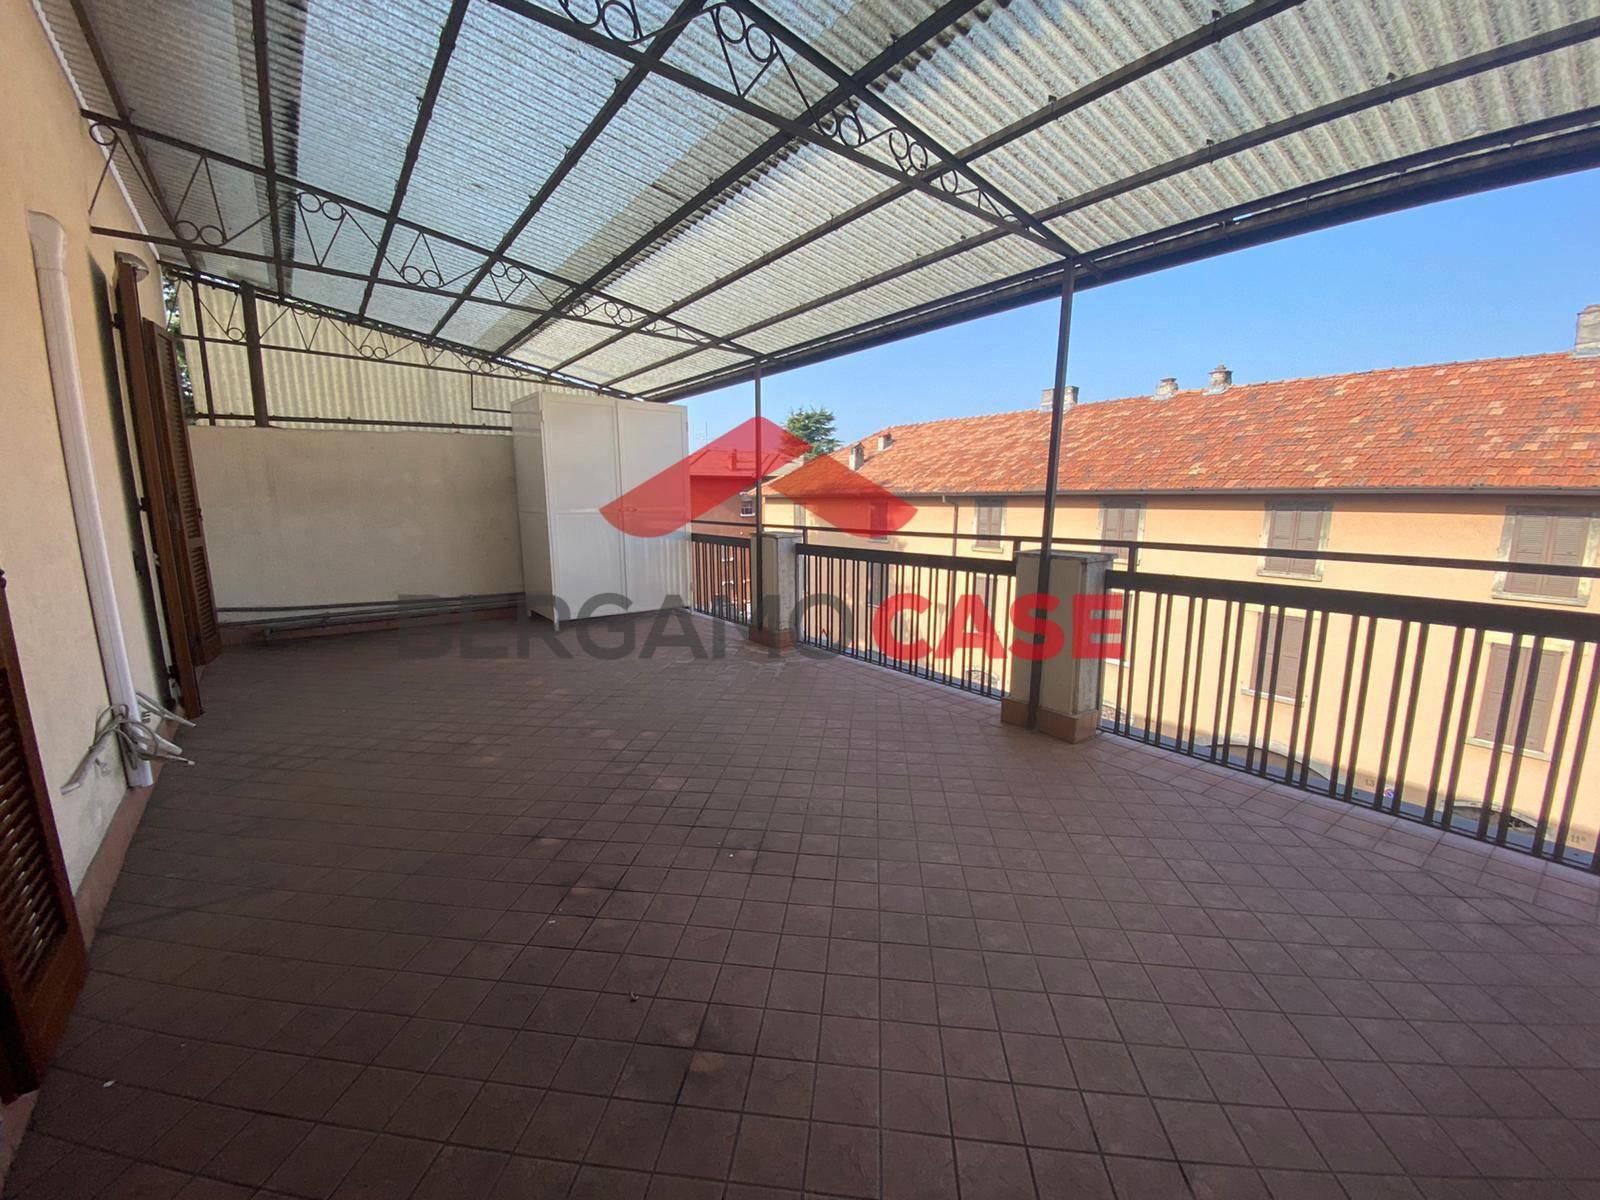 Appartamento in vendita a Campagnola, Bergamo (BG)